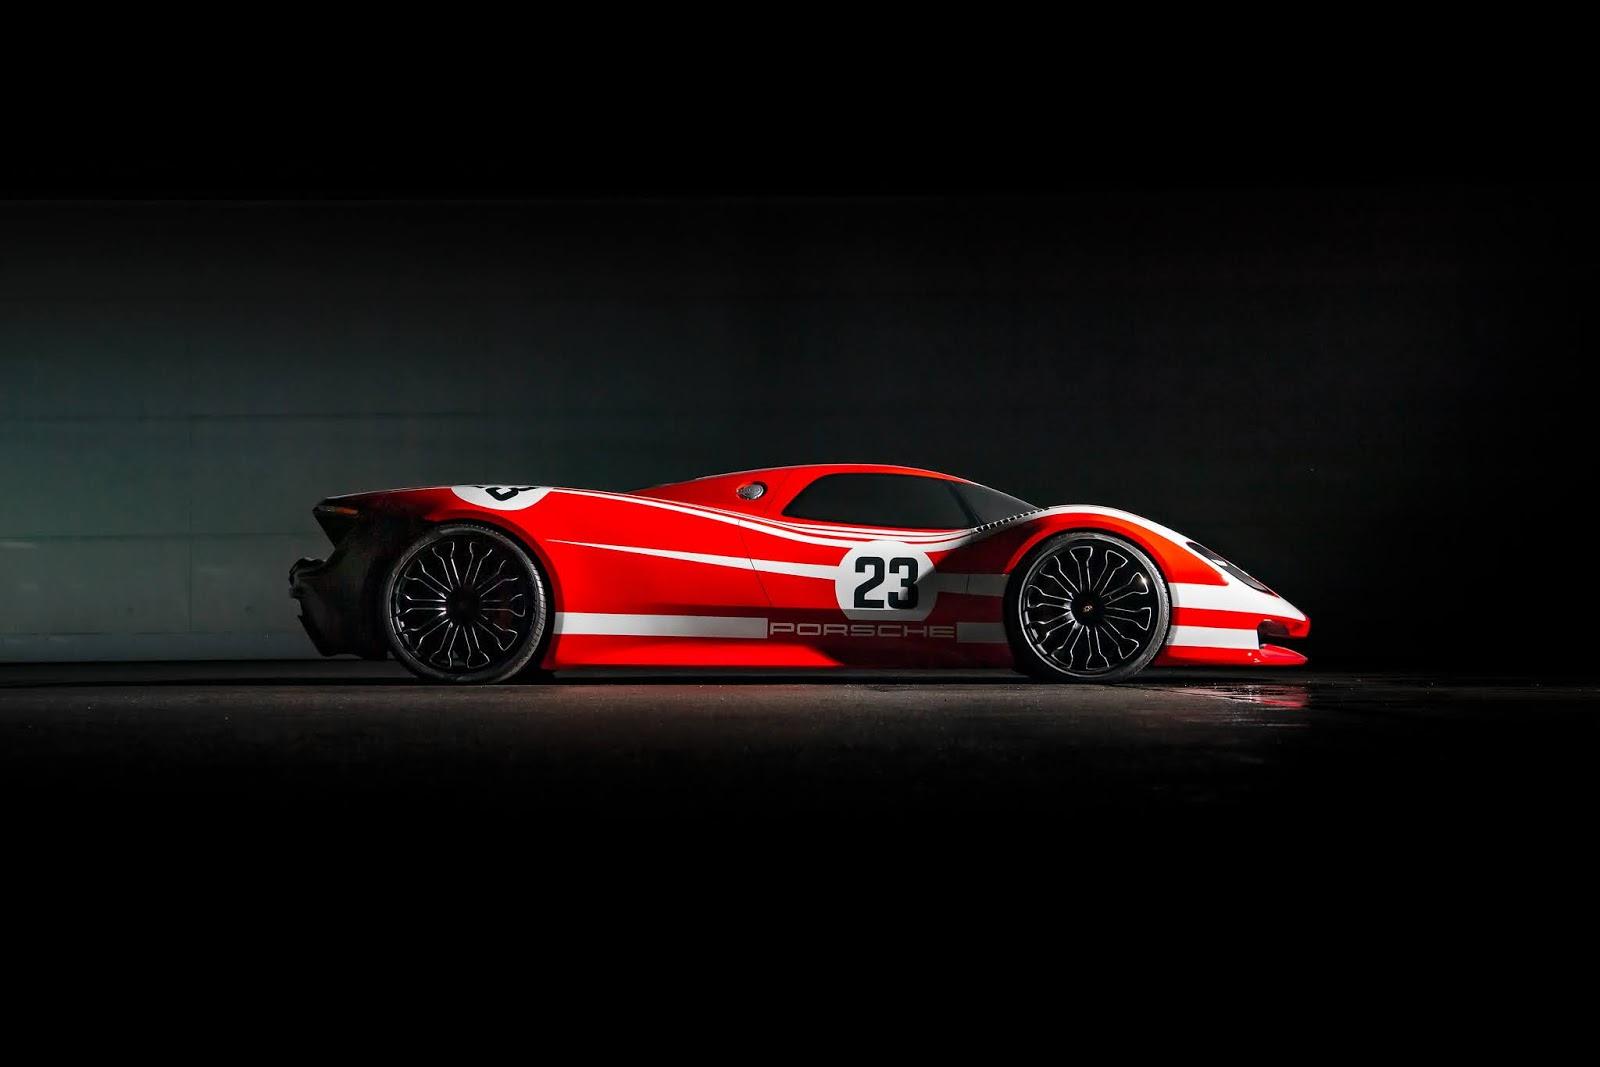 POR2094 1 Τα άγνωστα Hypercars της Porsche hypercar, Porsche, Porsche Unseen, Sunday, supercar, supercars, zblog, ειδήσεις